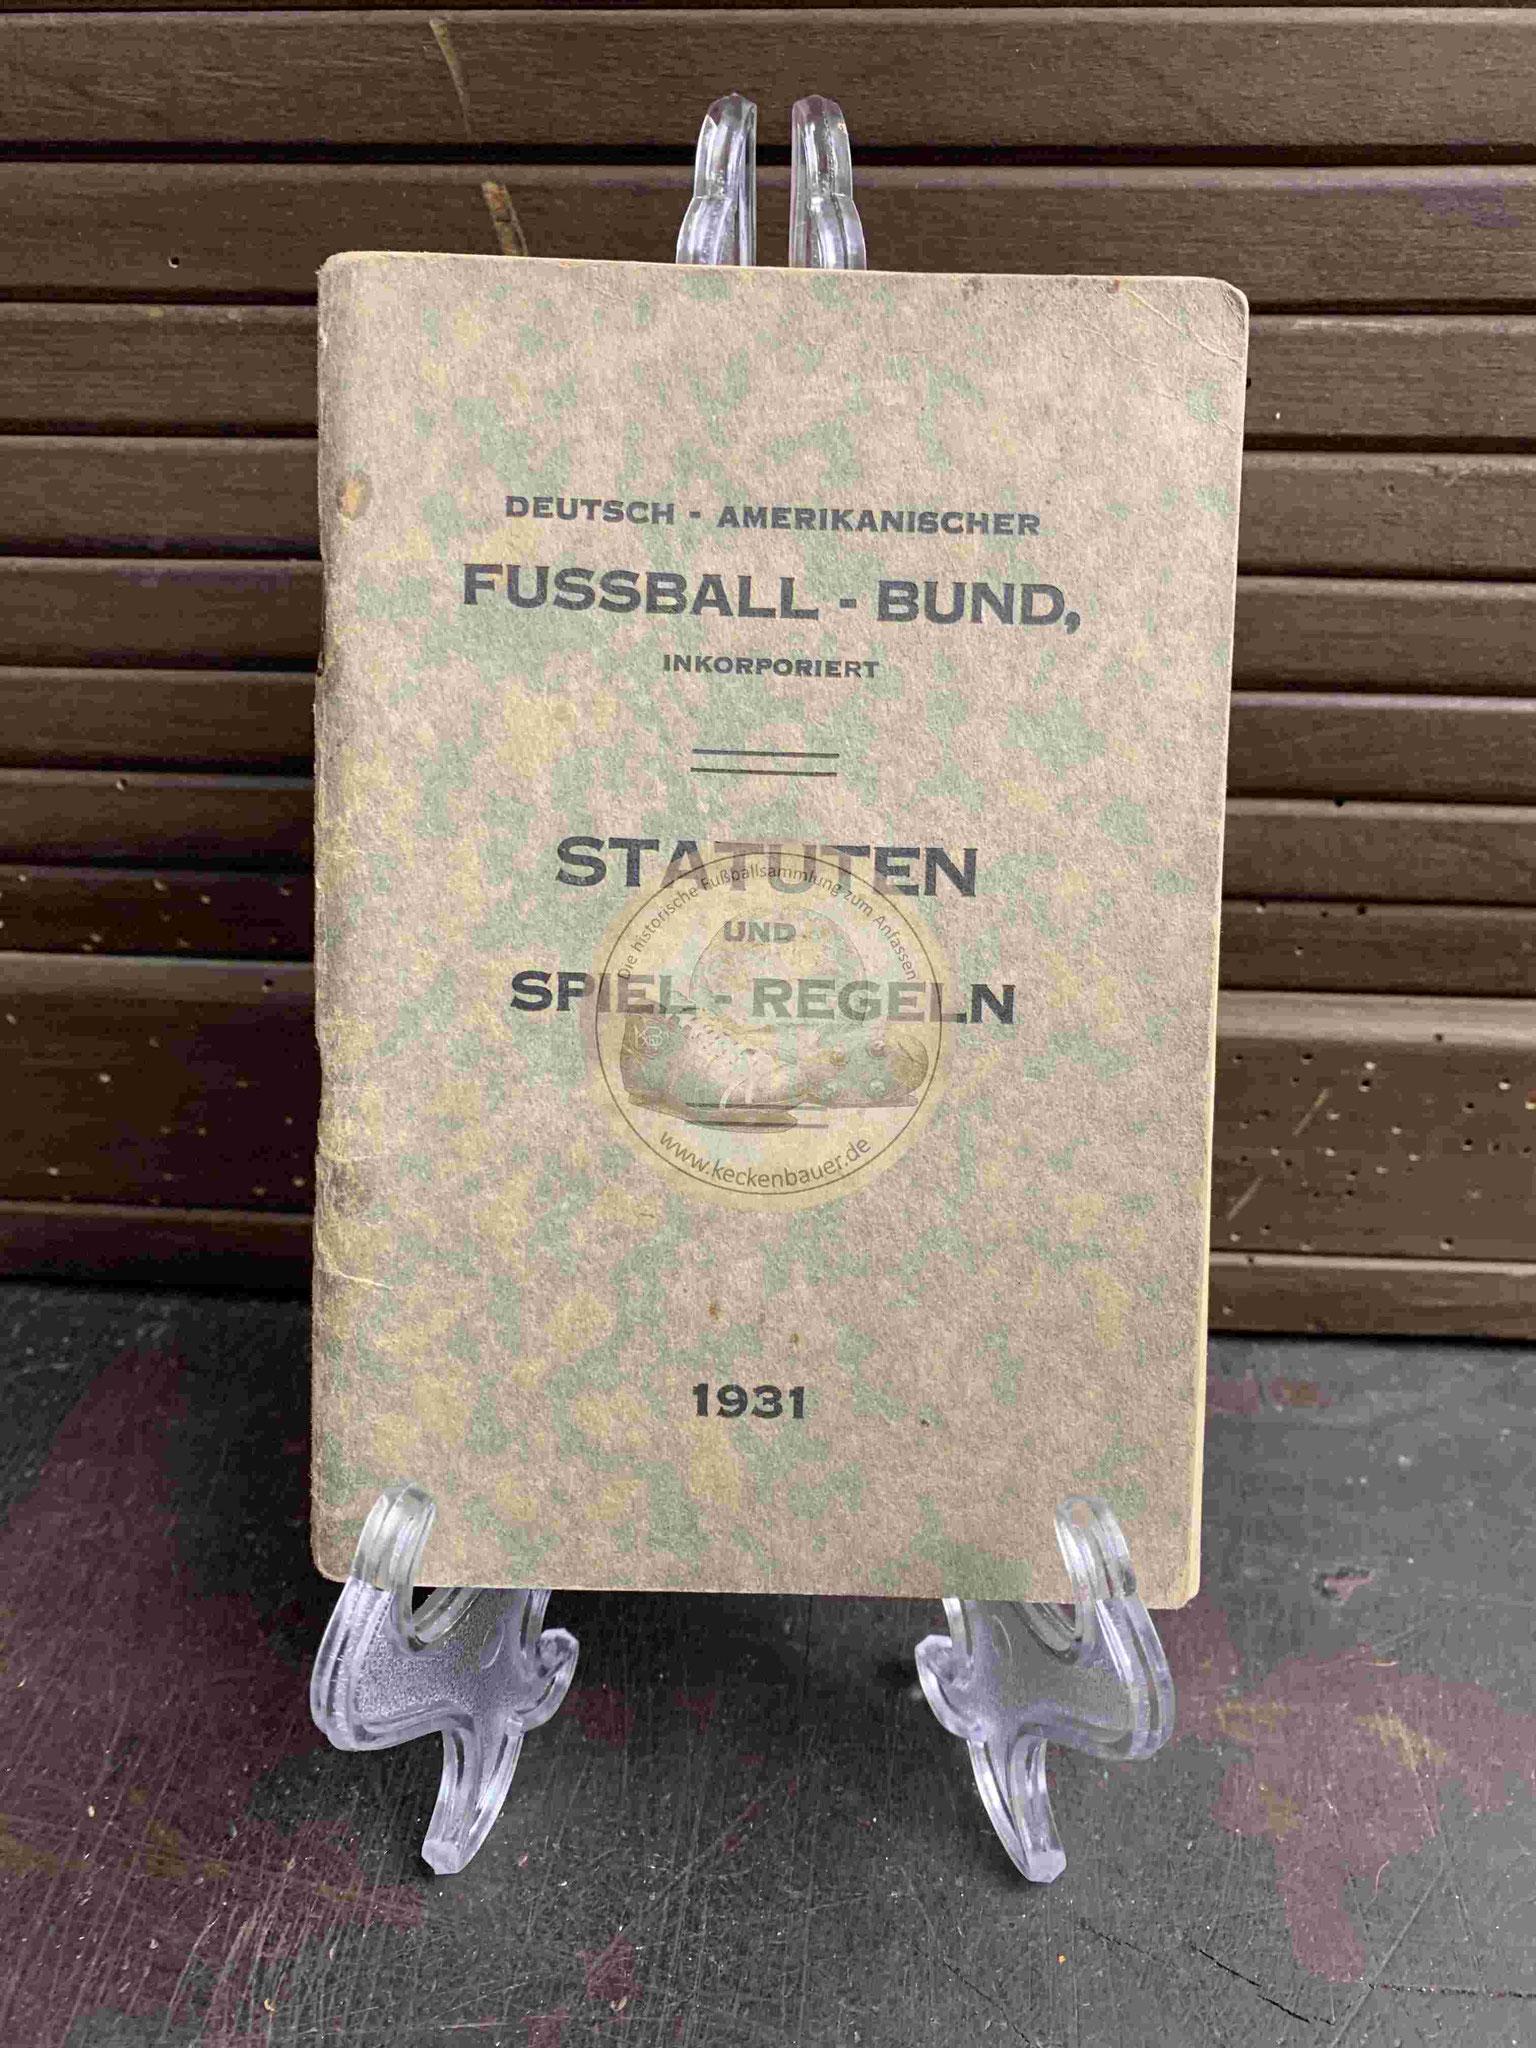 Statuten und Spiel-Regeln des Deutsch Amerikanischen Fussball Bund aus dem Jahr 1931